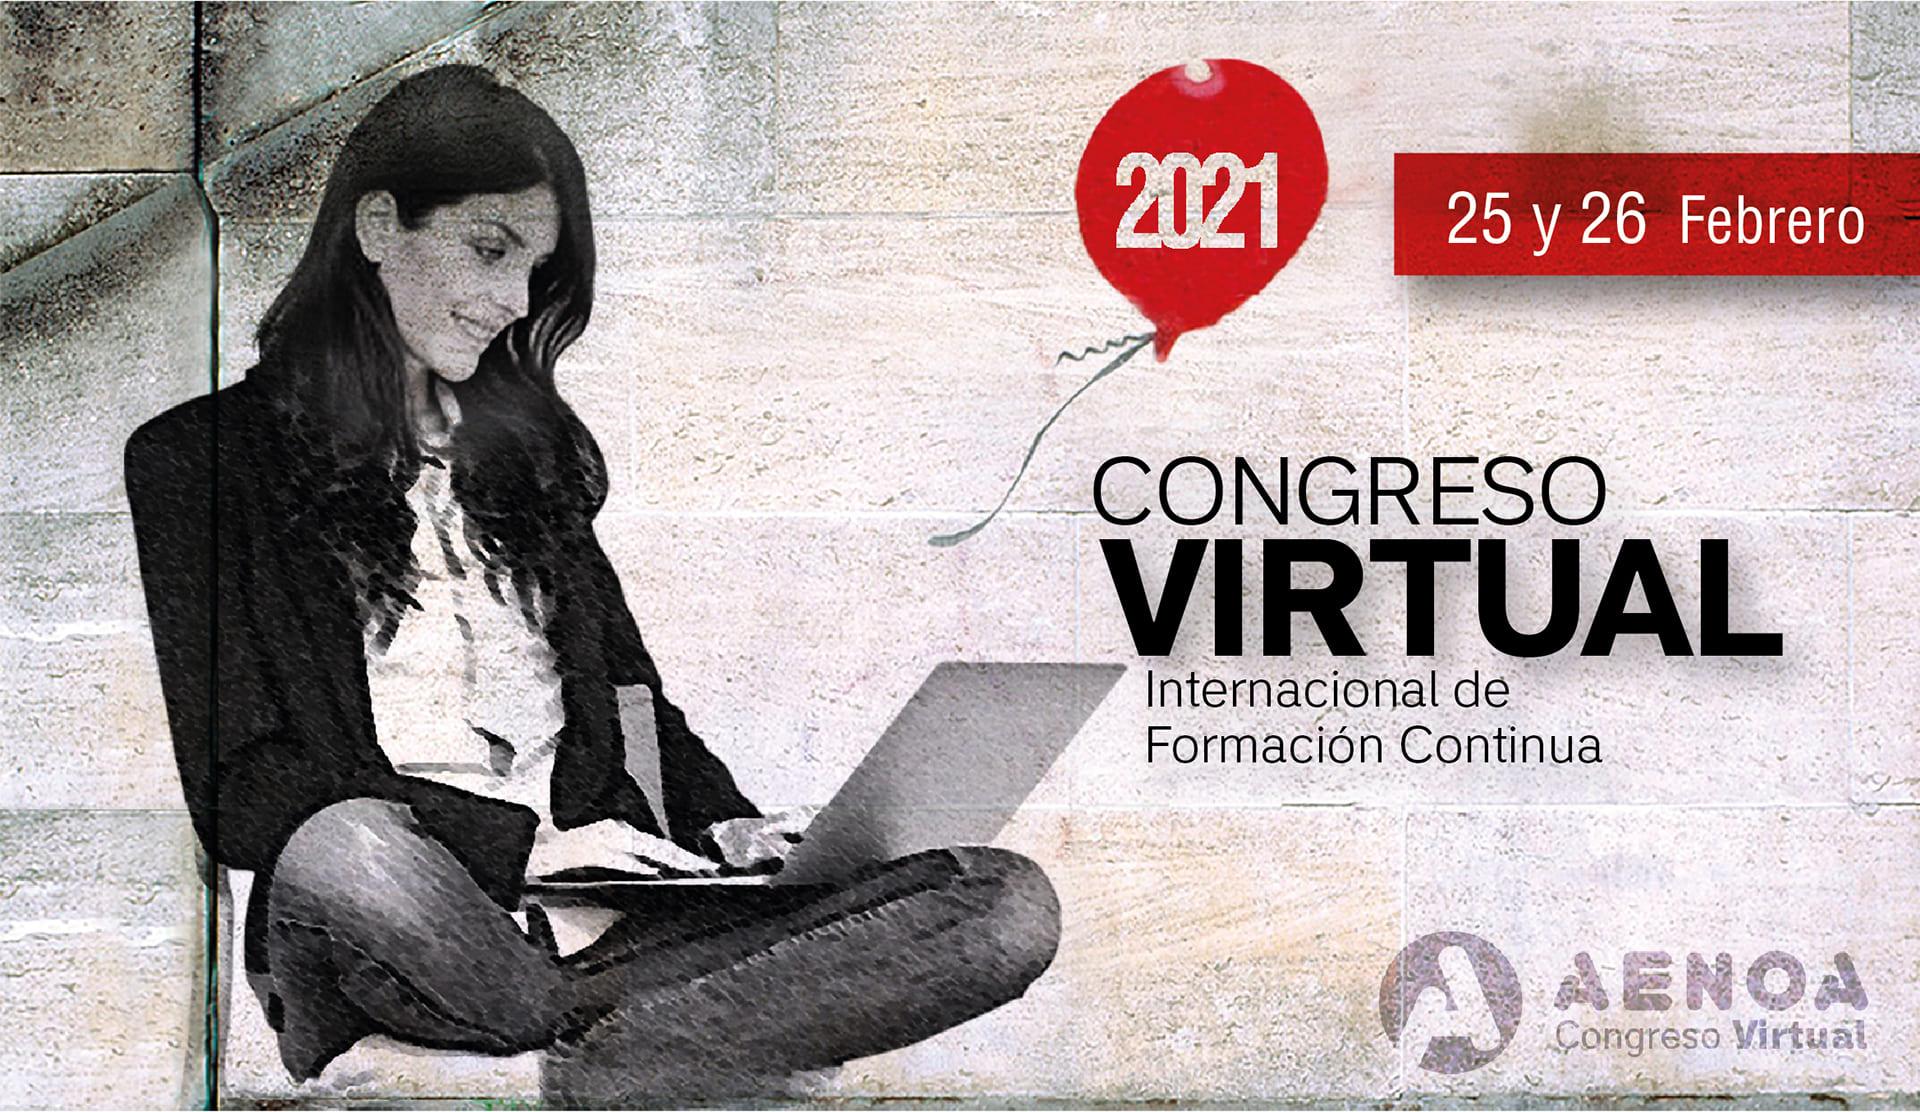 Congreso Virtual Aenoa 2021